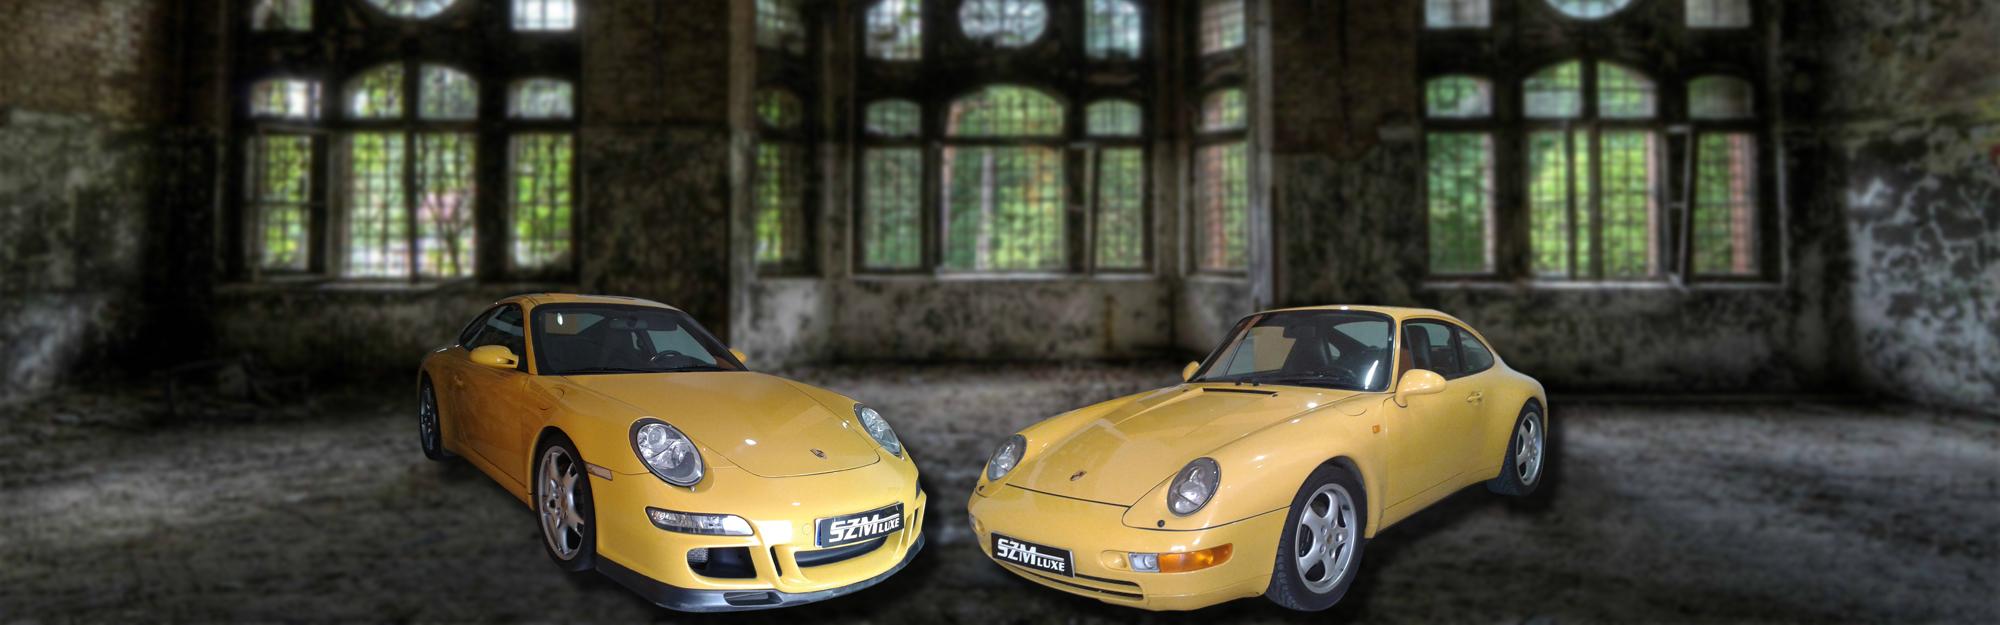 Slider_Porsche